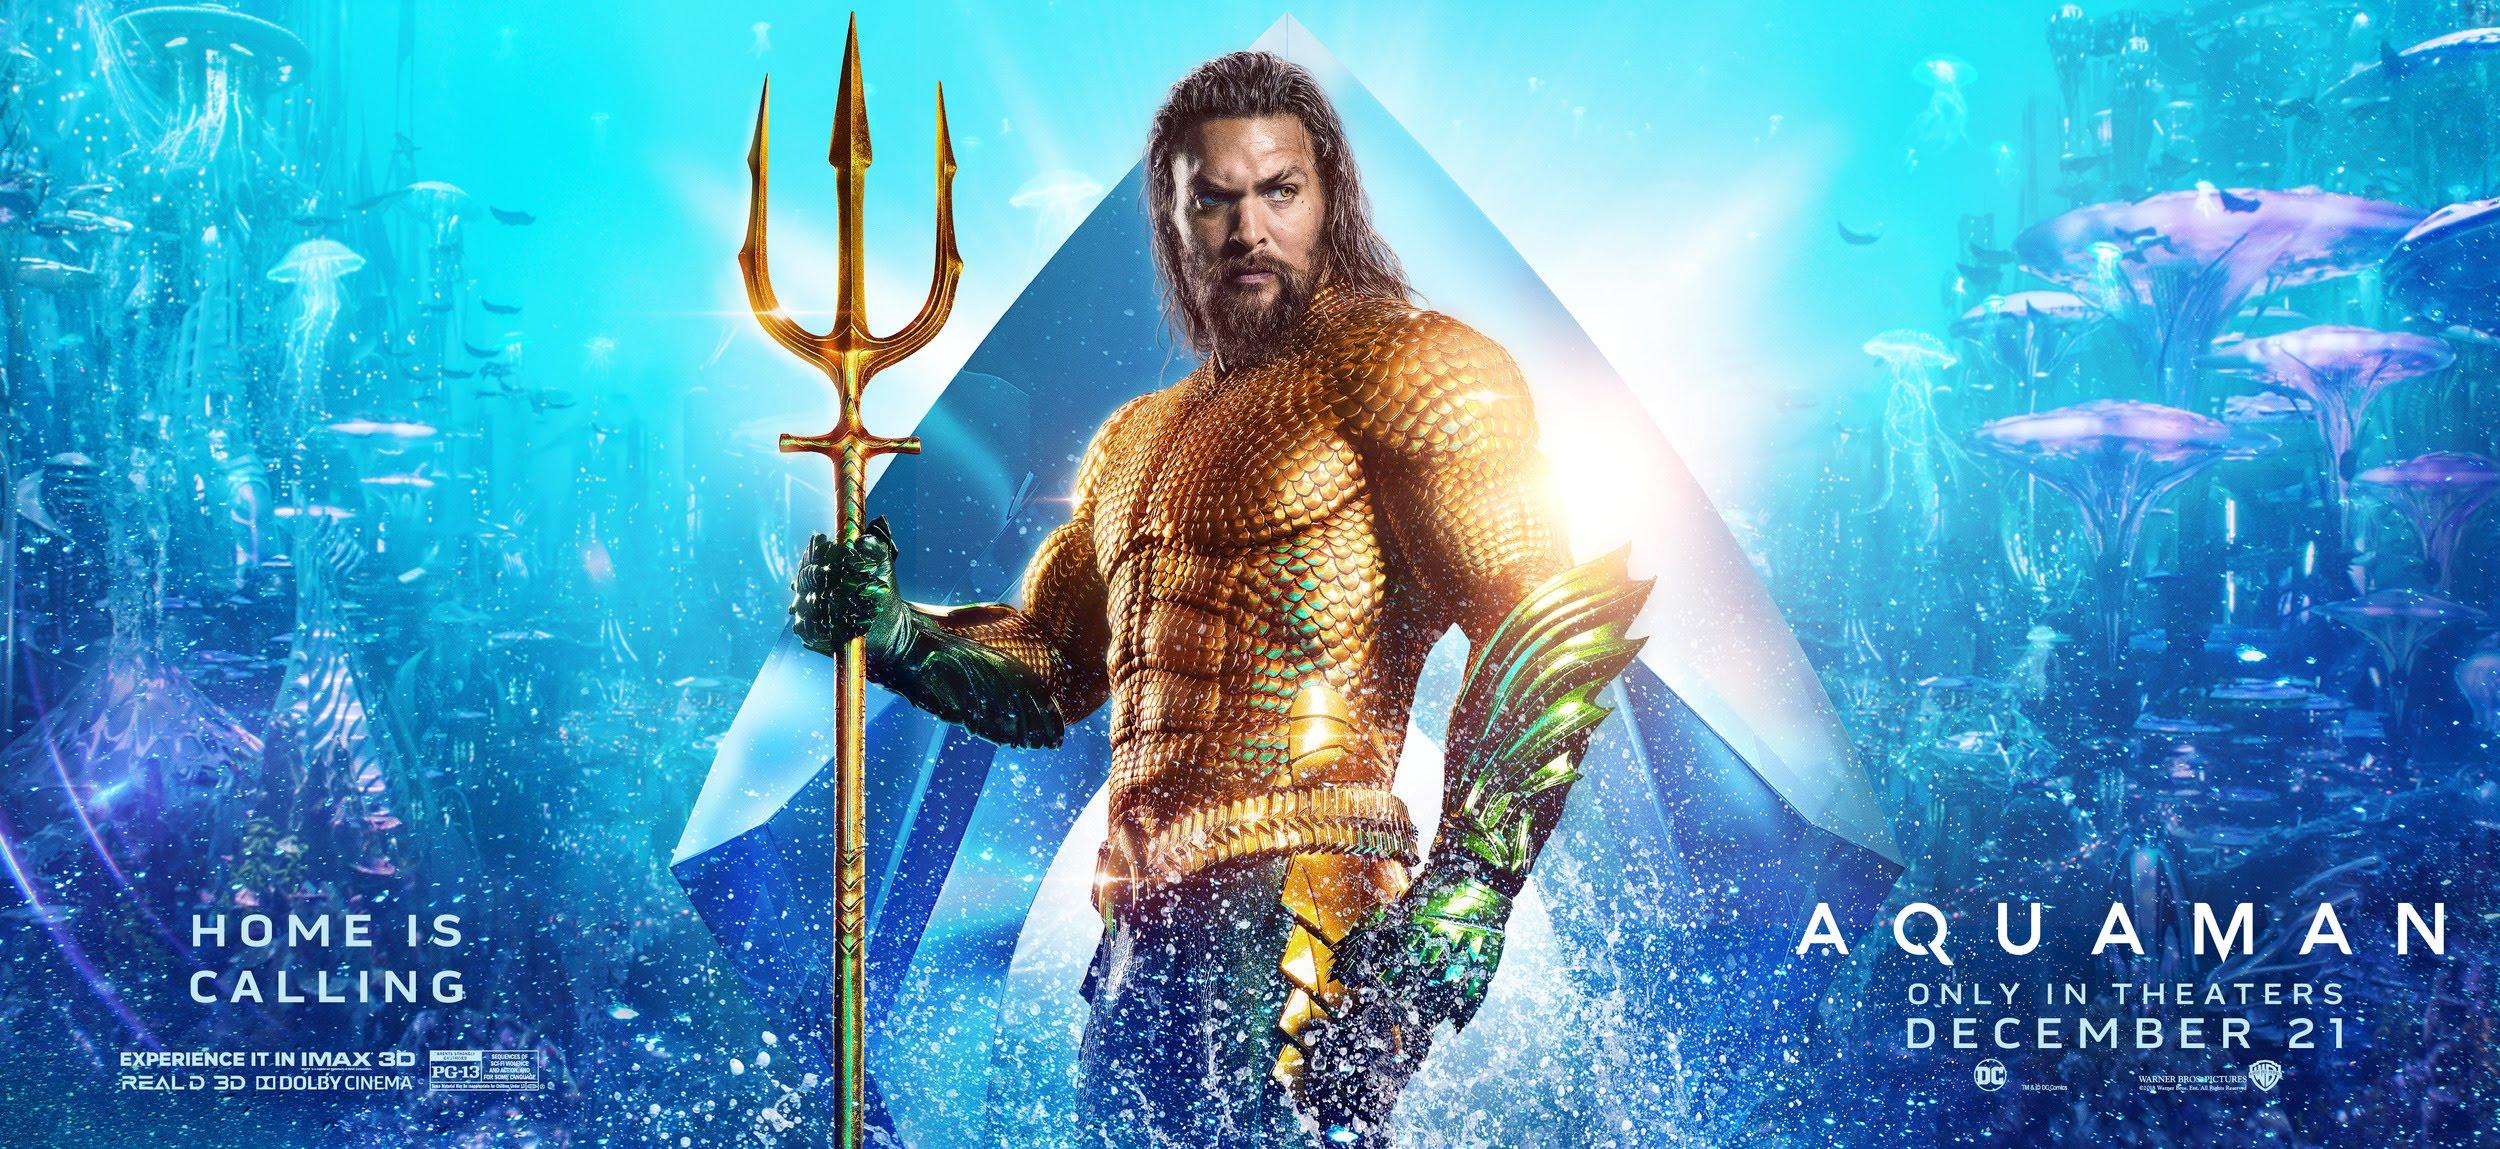 Aquaman : 好評のレビューのおかげで、大ヒットの予想も飛び出したDCヒーロー映画「アクアマン」の戦うヒロイン、メラのアンバー・ハードが、恐ろしいサカナ人のトレンチと一緒に愉快な撮影時の記念写真 ! !